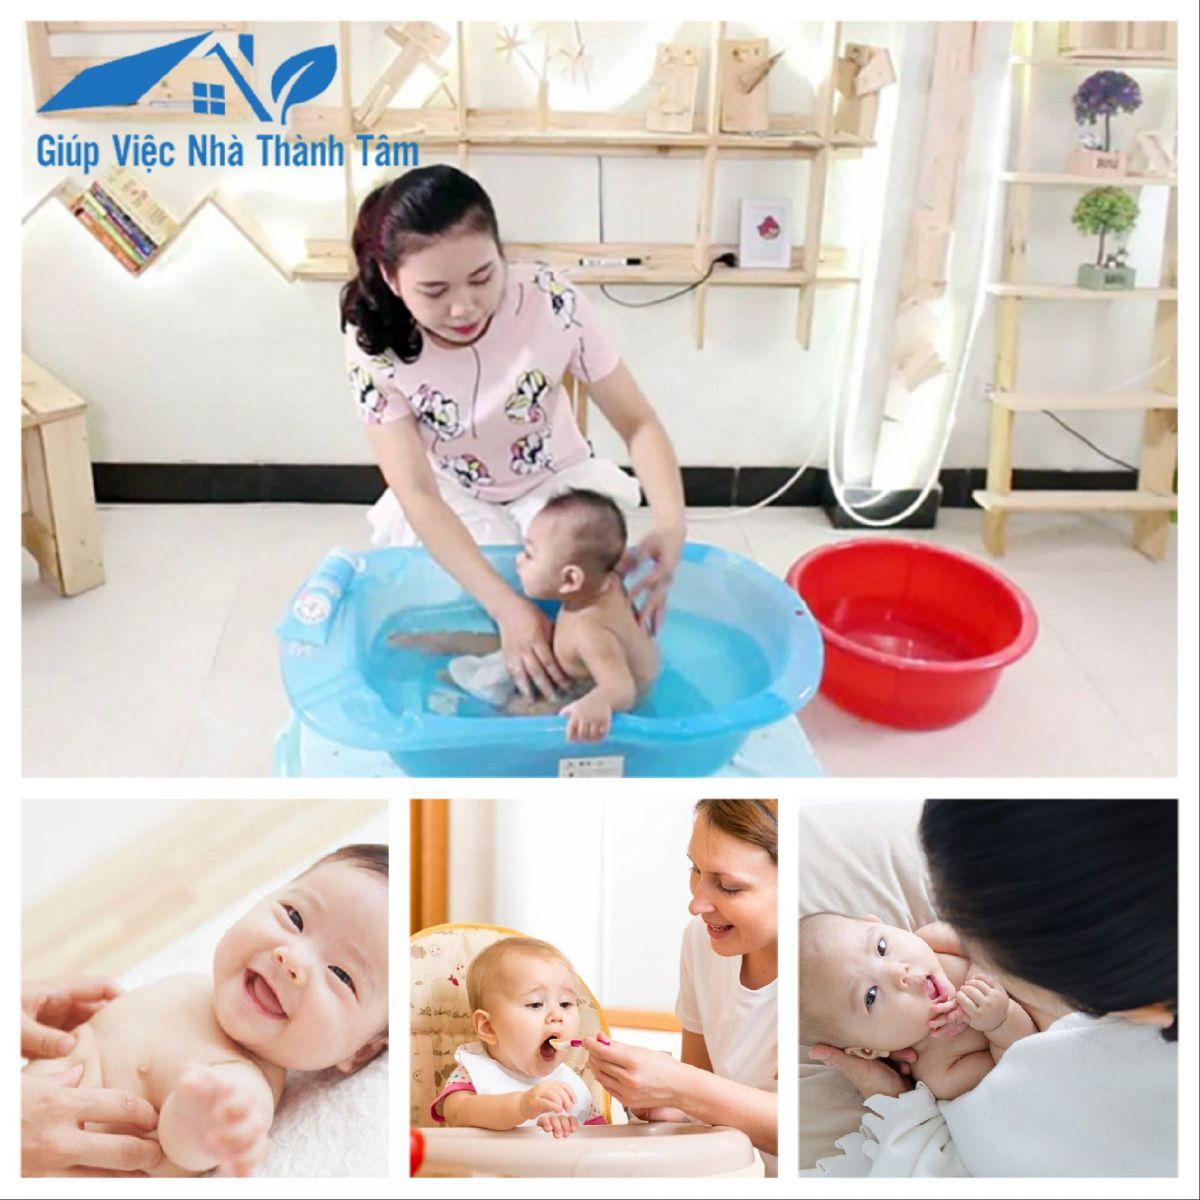 Dịch vụ giúp việc chăm em bé quận Tân Bình